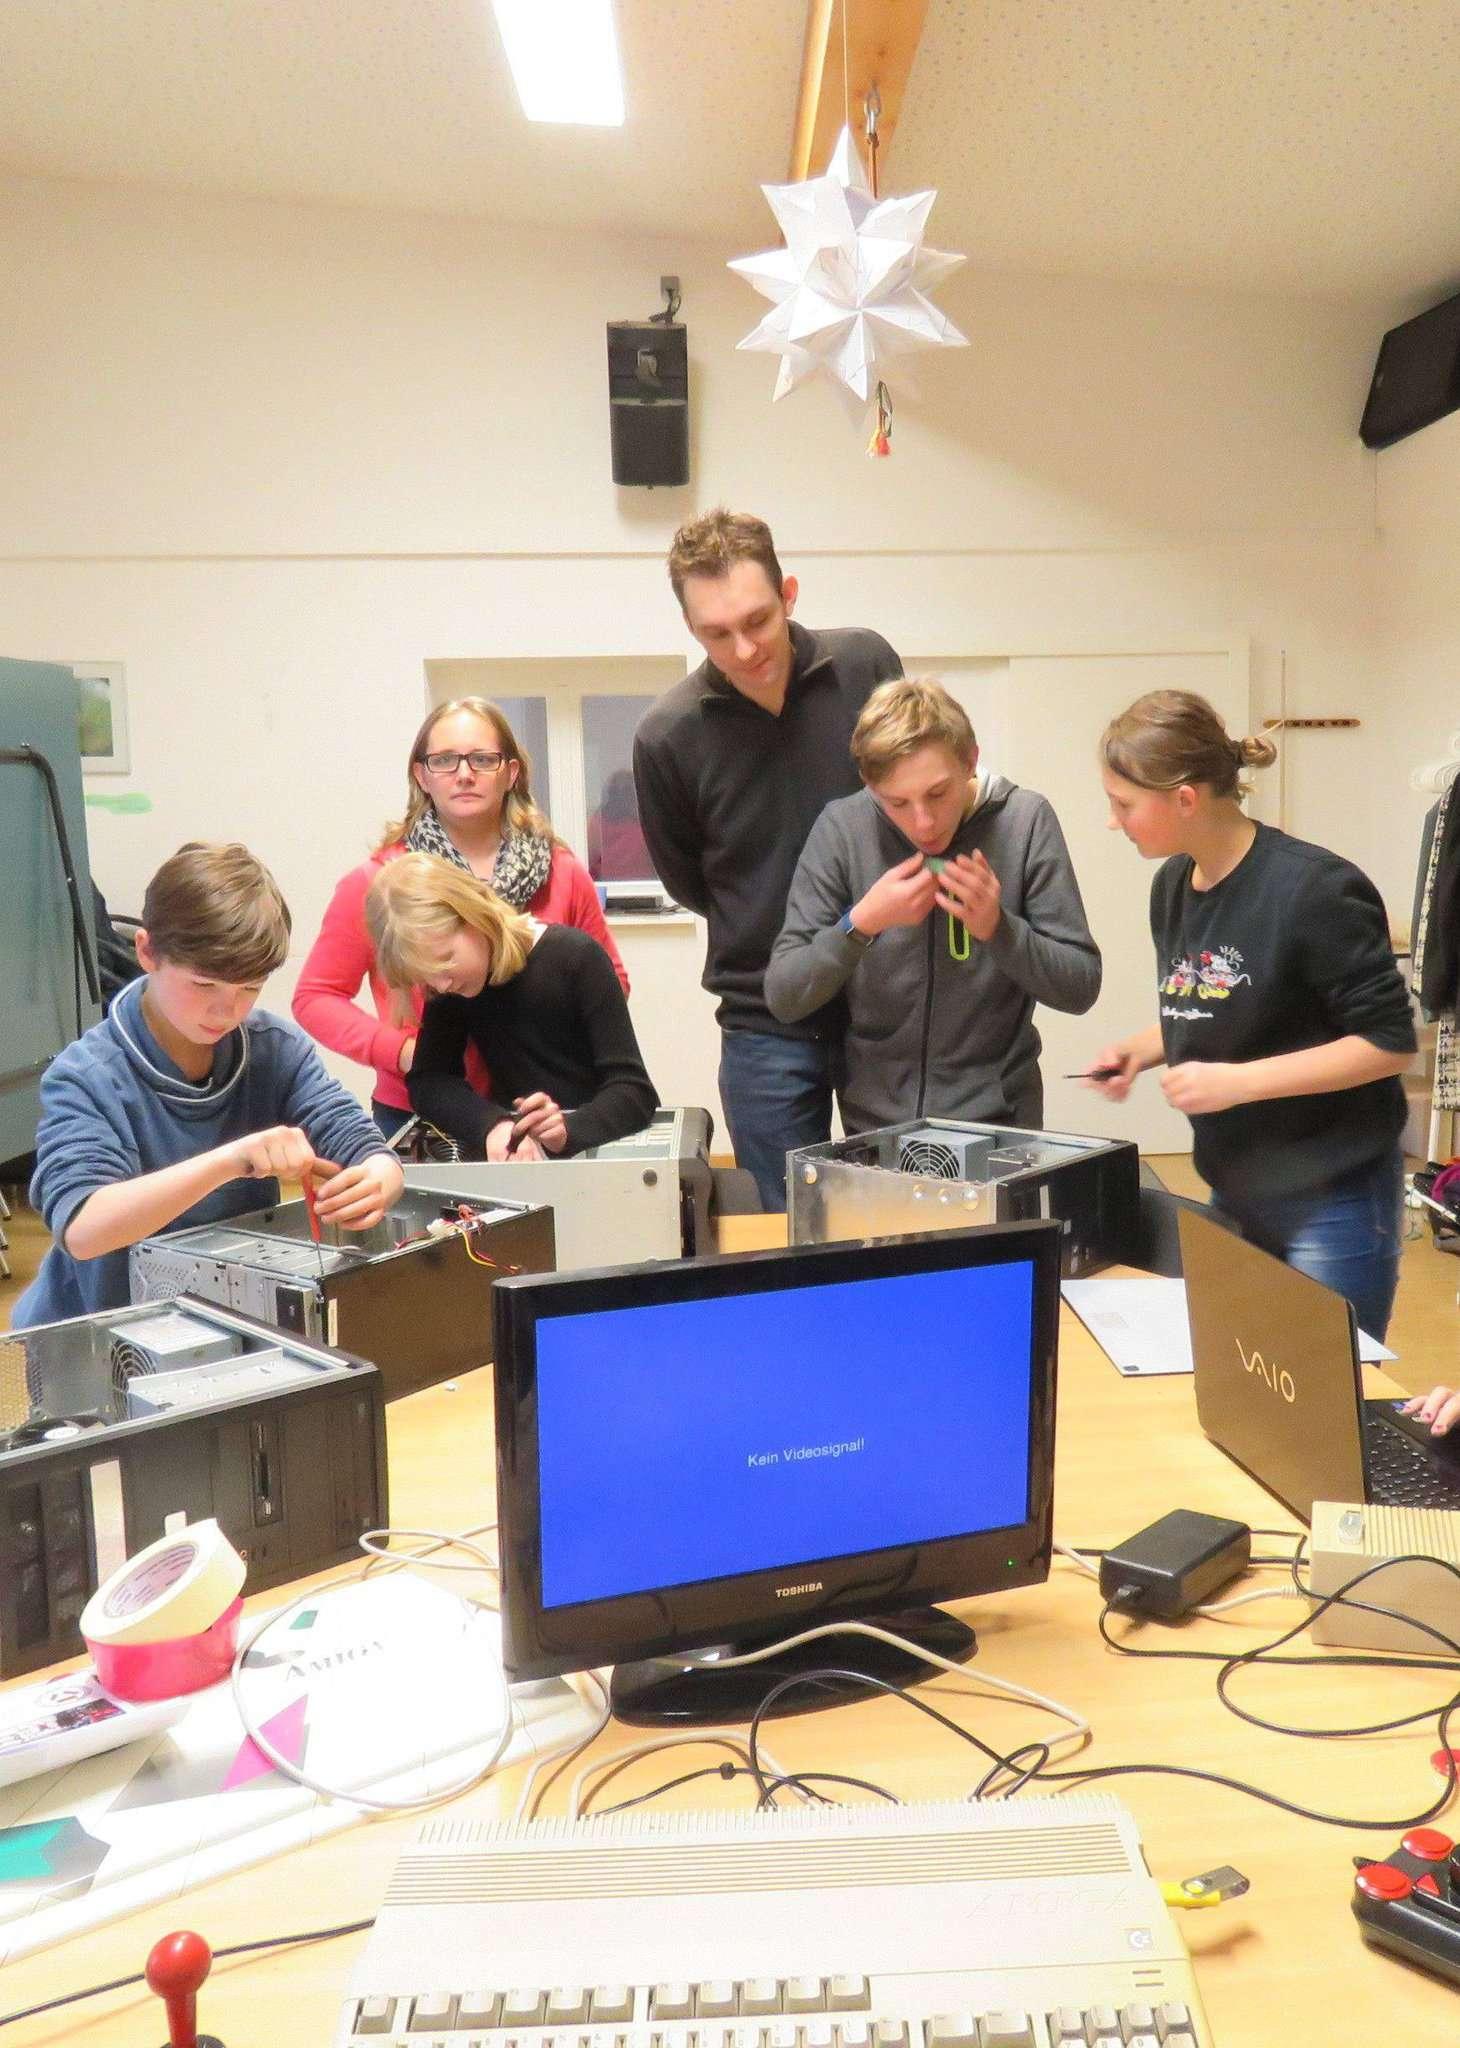 In der Computer-Werkstatt des Juku geht technisches Know-how mit handwerklichem Geschick und Teamarbeit einher.  Foto: Elke Keppler-Rosenau